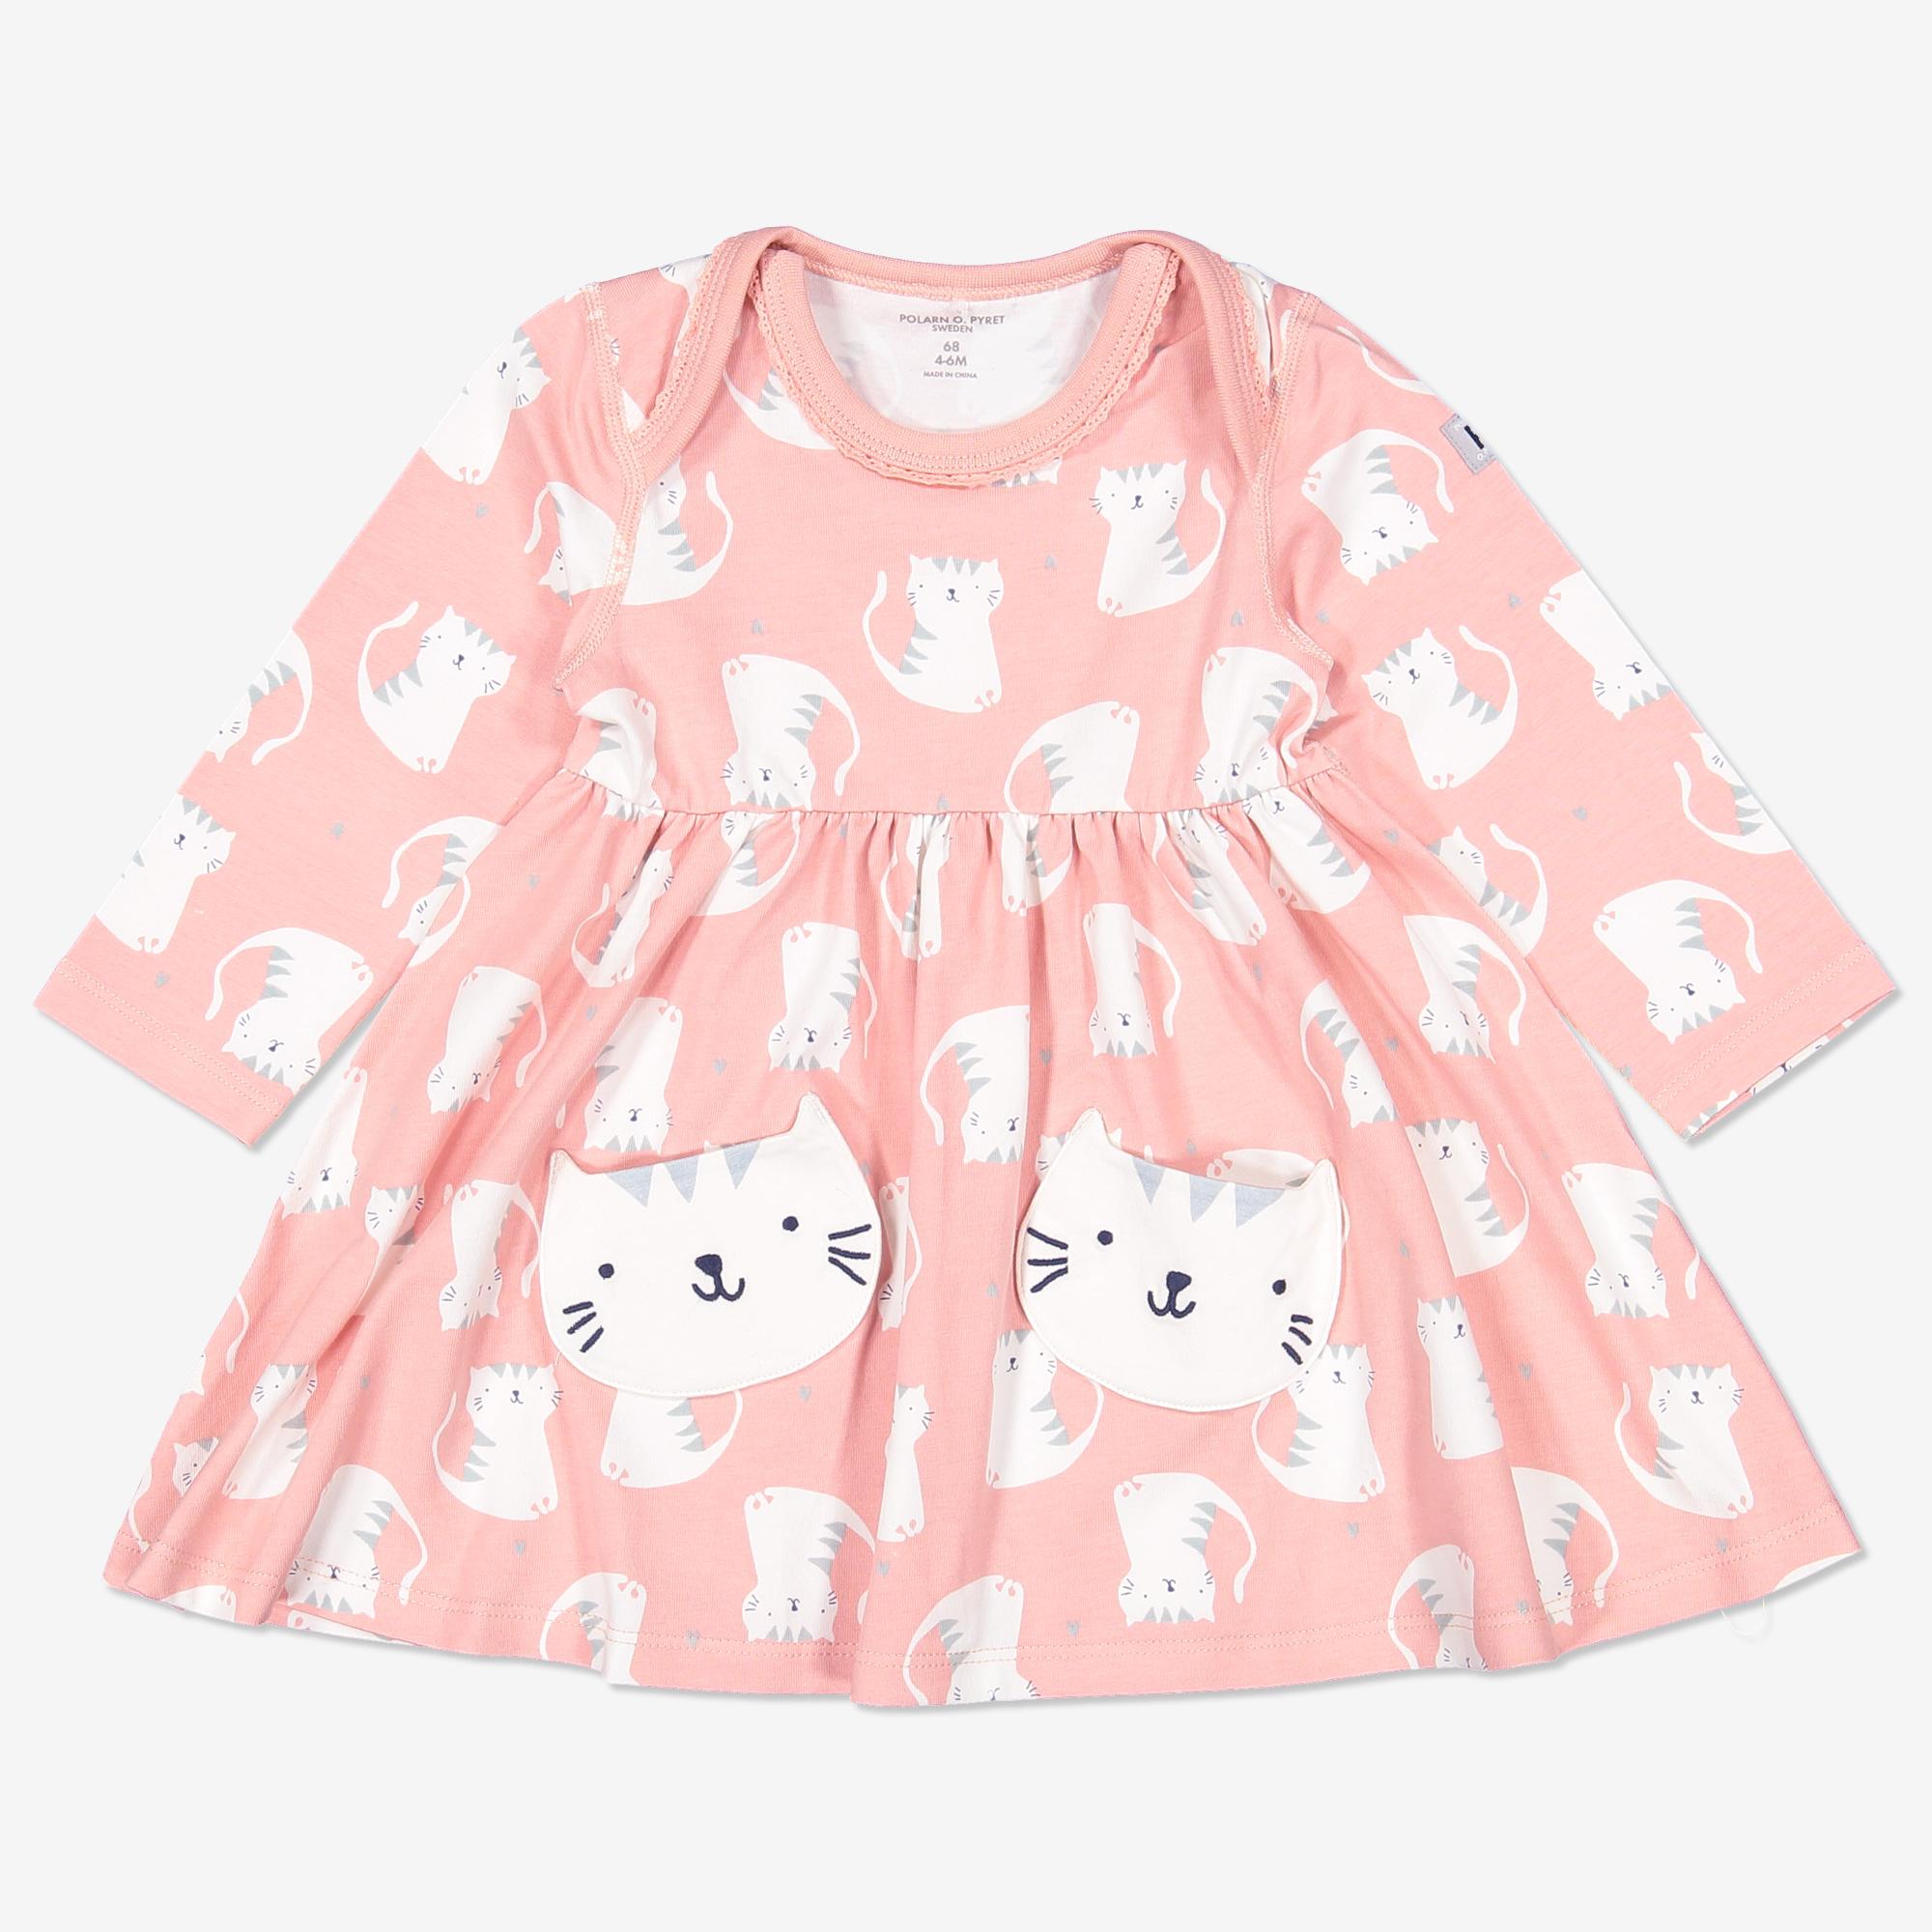 Klänning med kattryck nyfödd rosa  67a77ee75141e